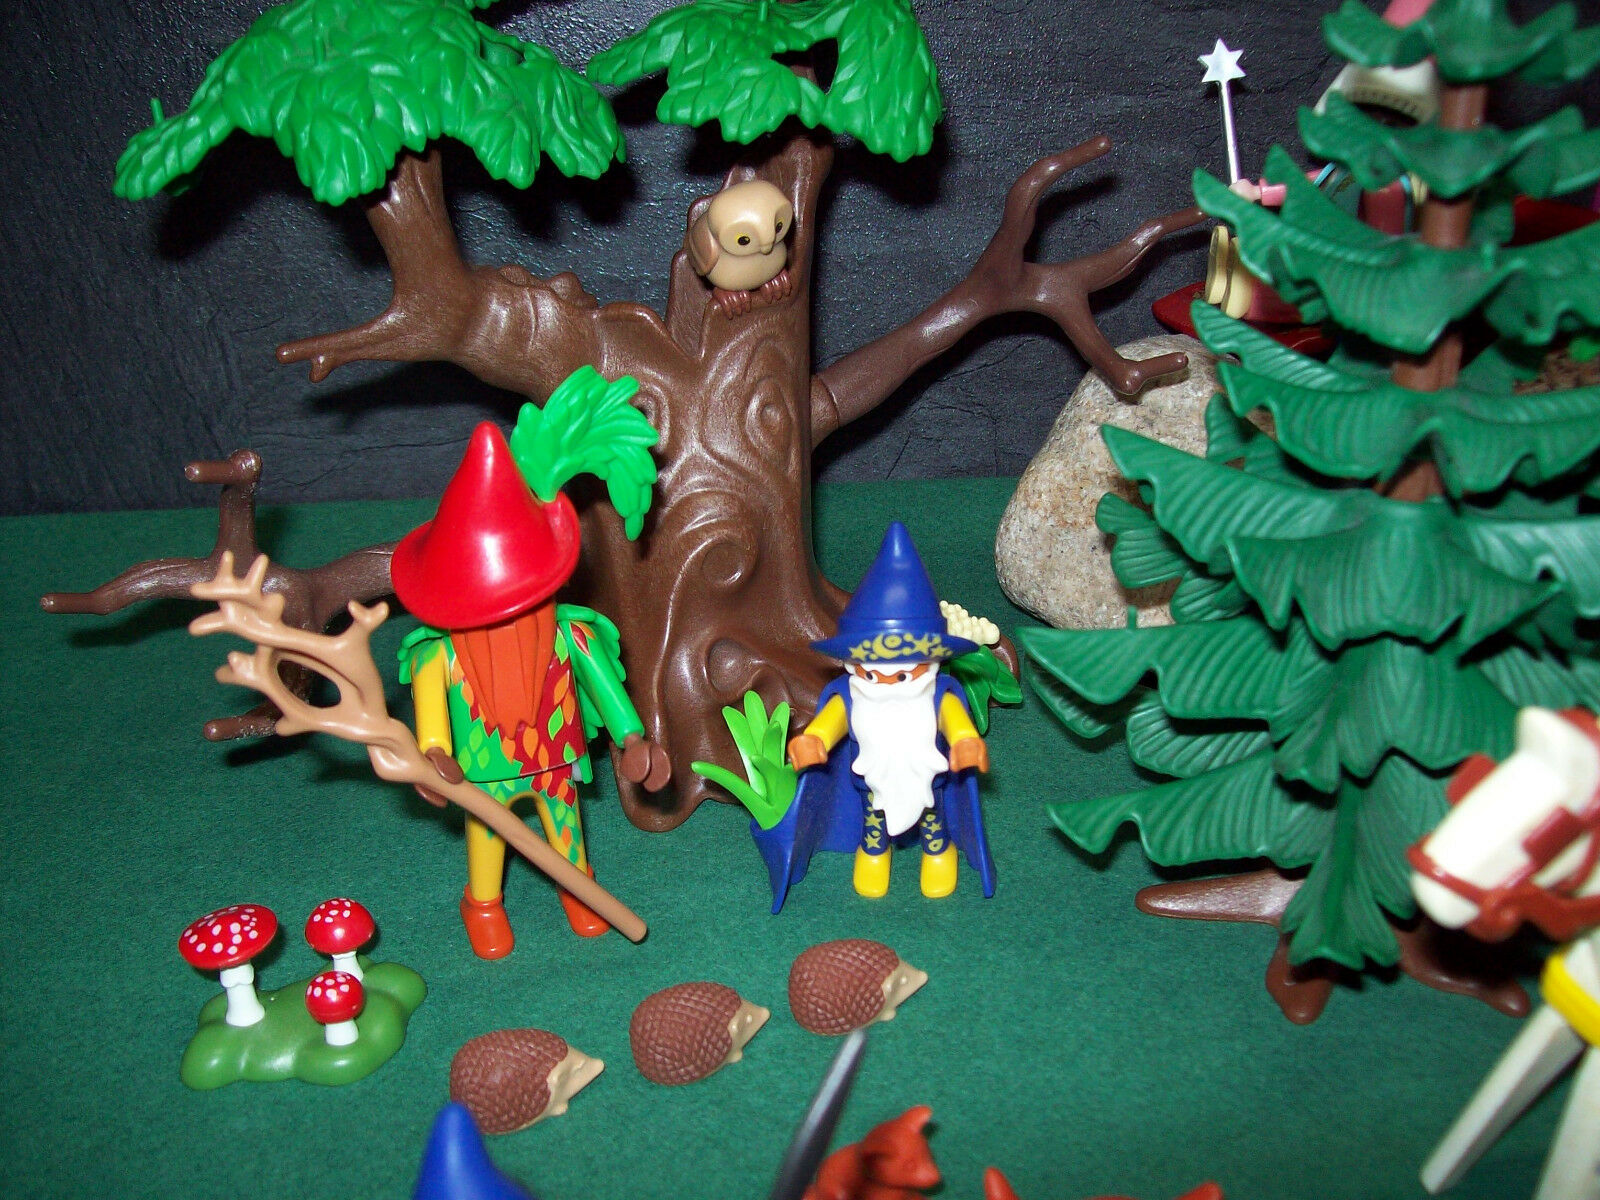 Playmobil Rarität Riesengroßer Riesengroßer Rarität Zauberwald, ohne OVP cc59f6